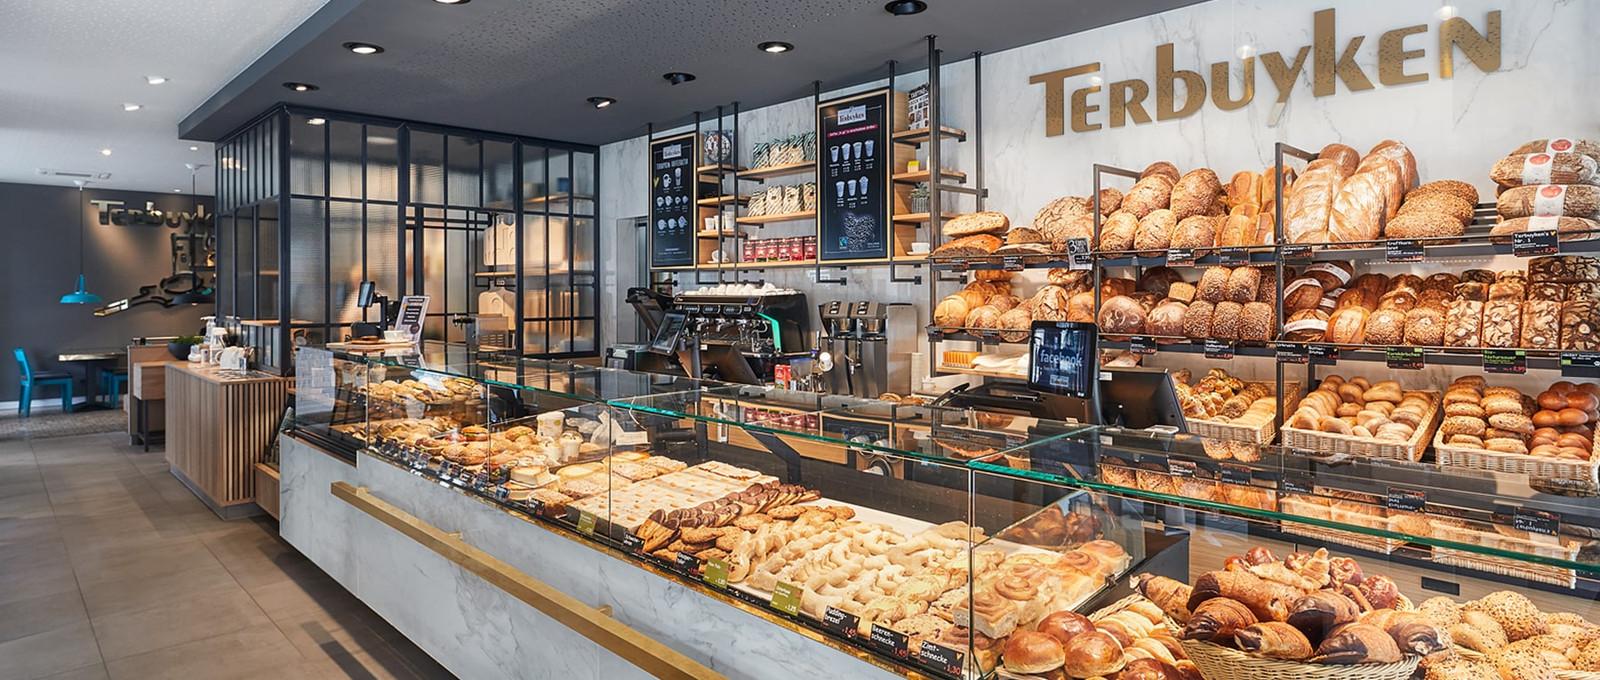 Bäckerei Terbuyken – Individuell, modern & stylisch